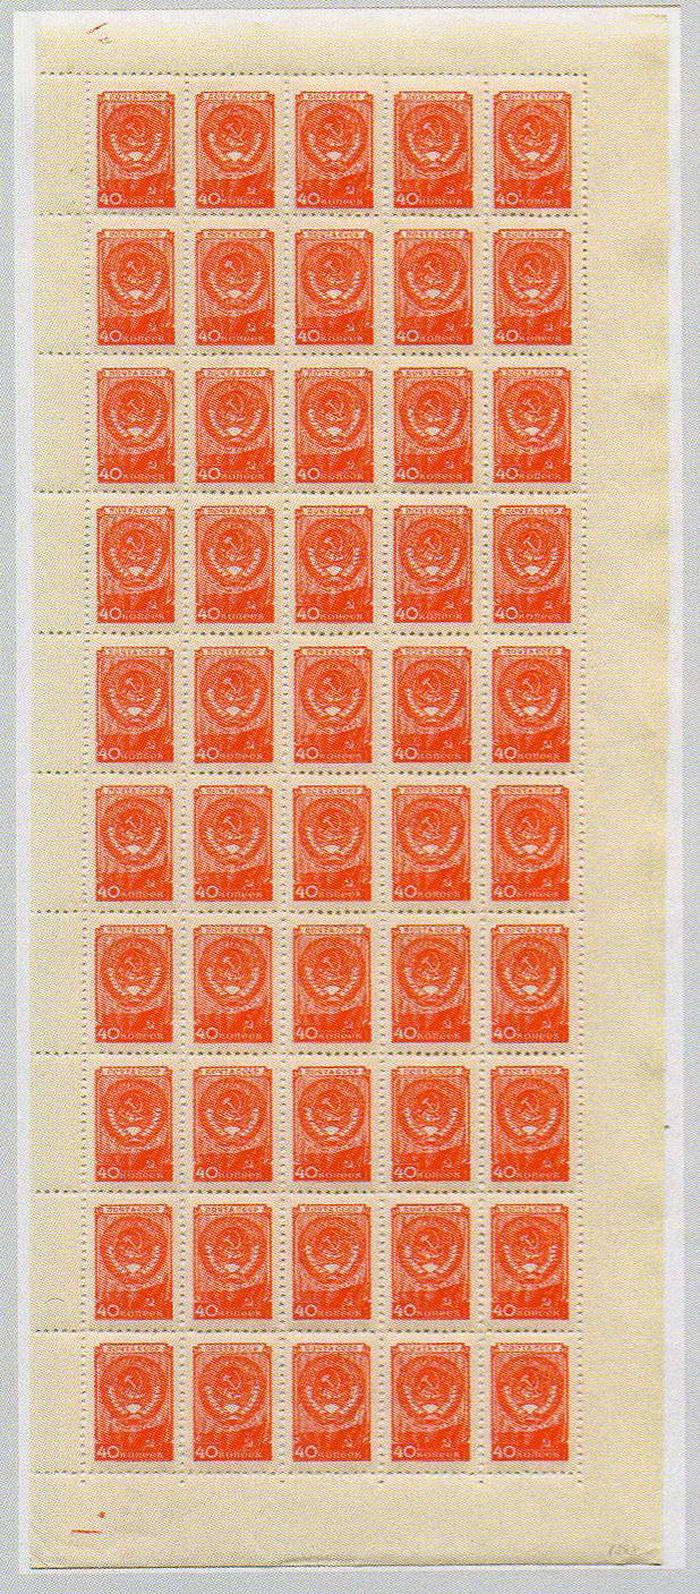 лот малый  лист стандарт 1958 Аукцион № 2